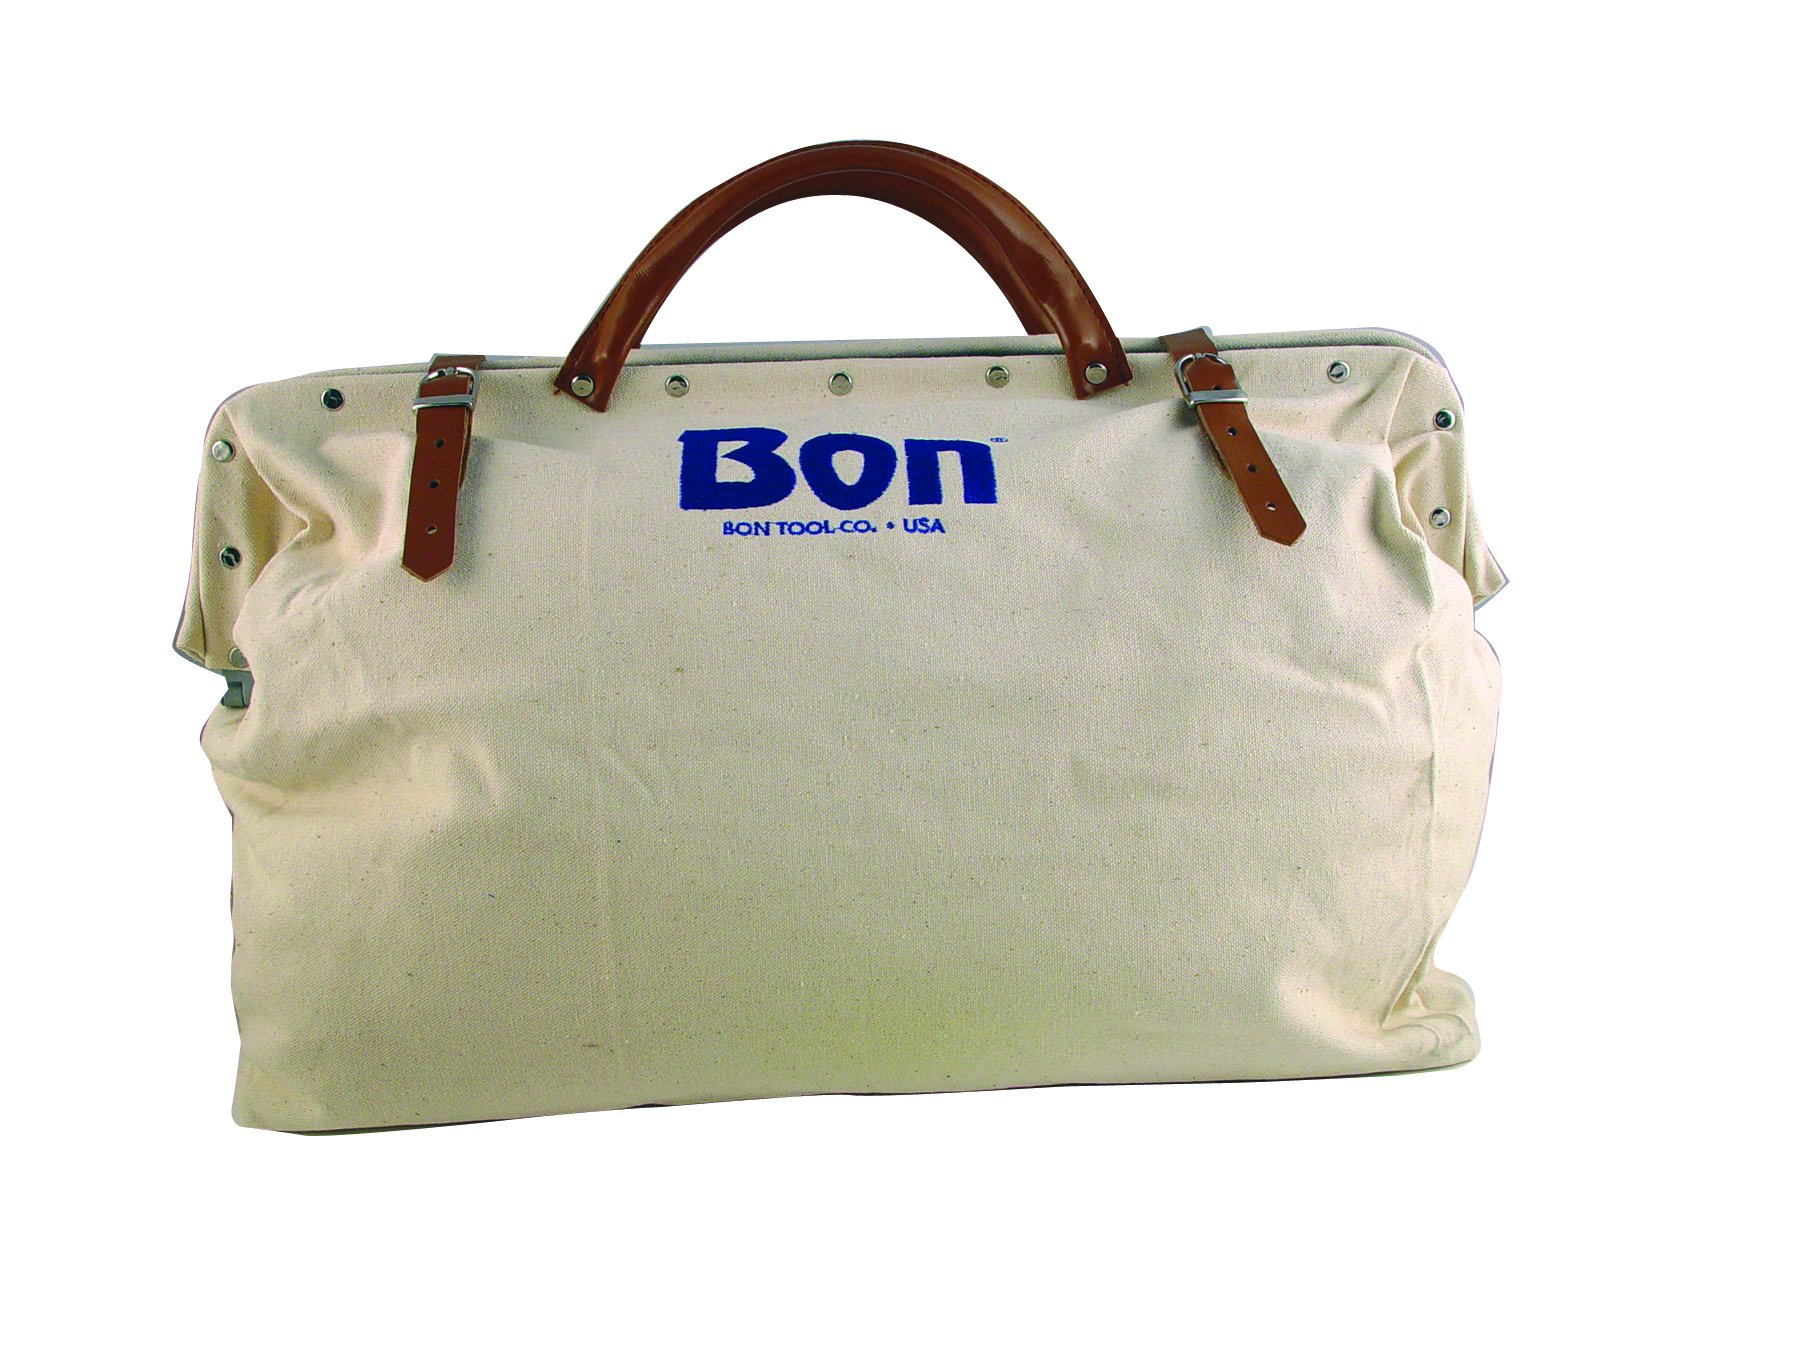 Bon 11-127 20-Inch by 5-1/2-Inch Heavy Duty Canvas Tool Bag